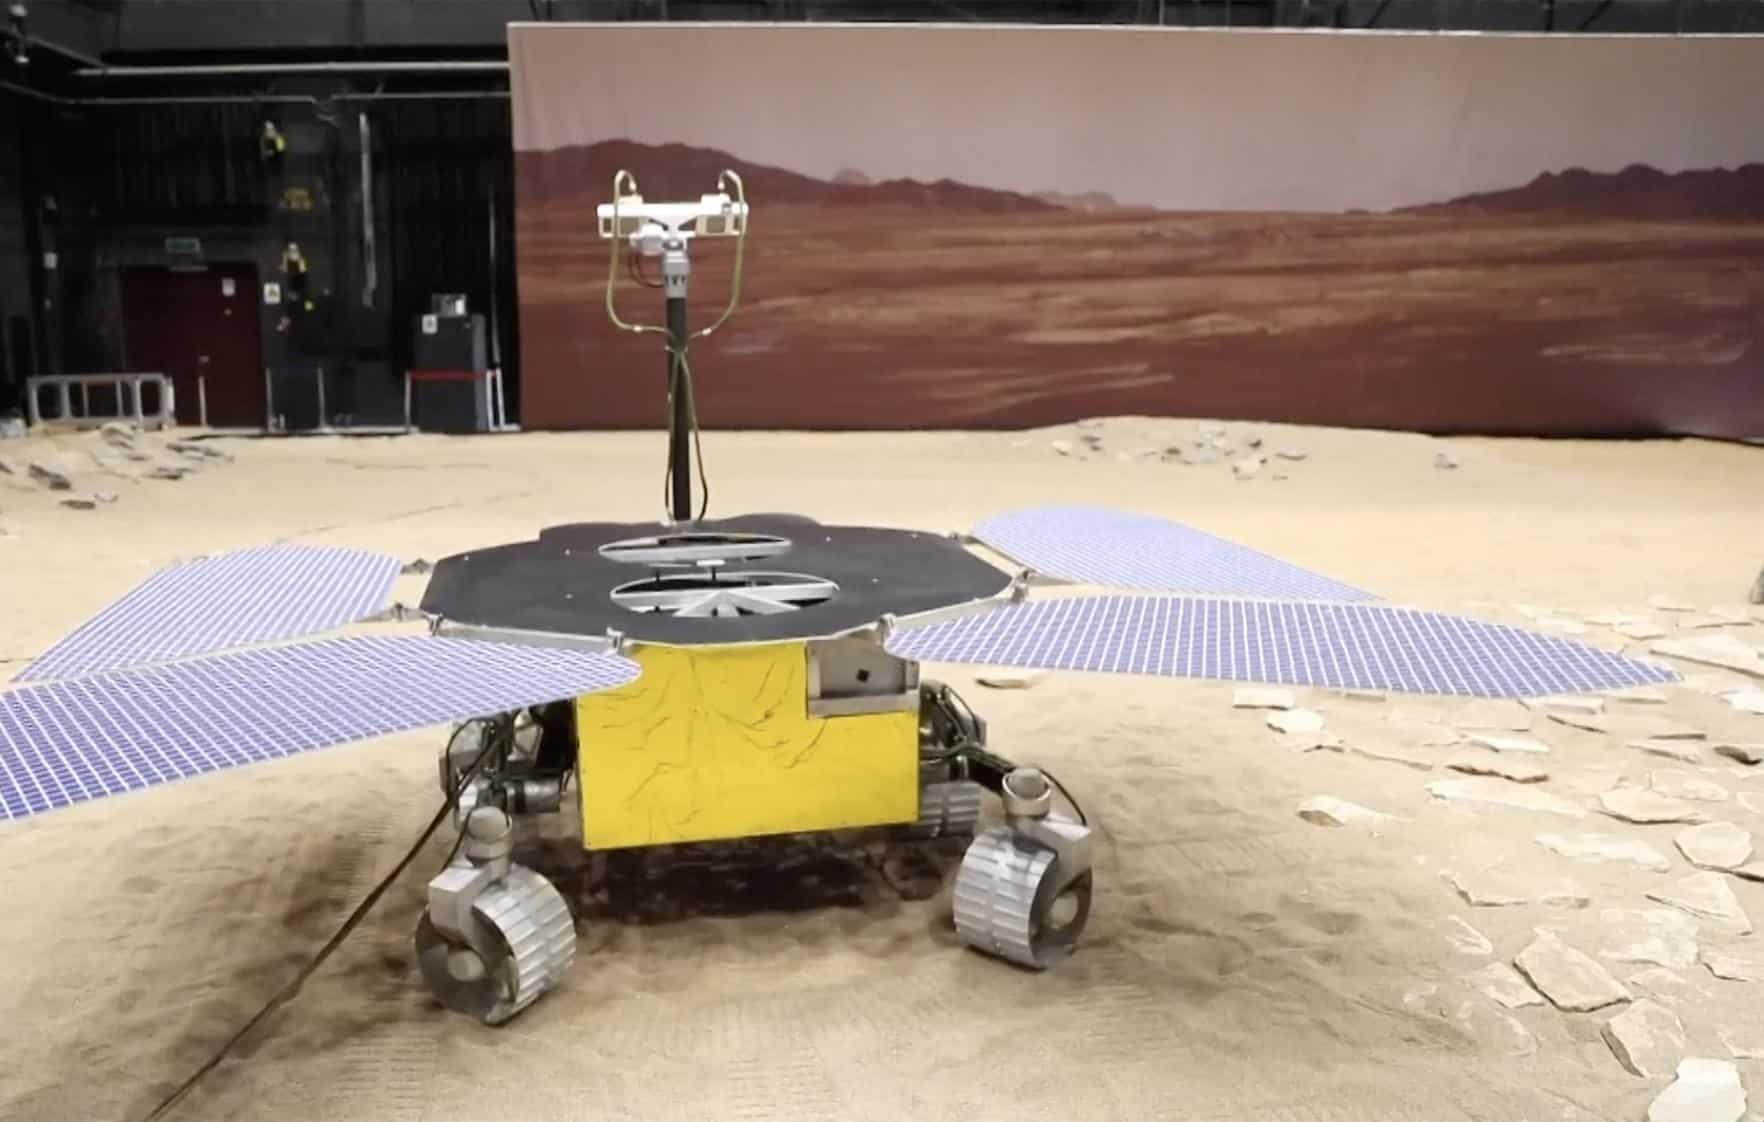 Imagem mostra maquete do rover chinês enviado a Marte na missão Tianwen-1, sendo testado na Terra